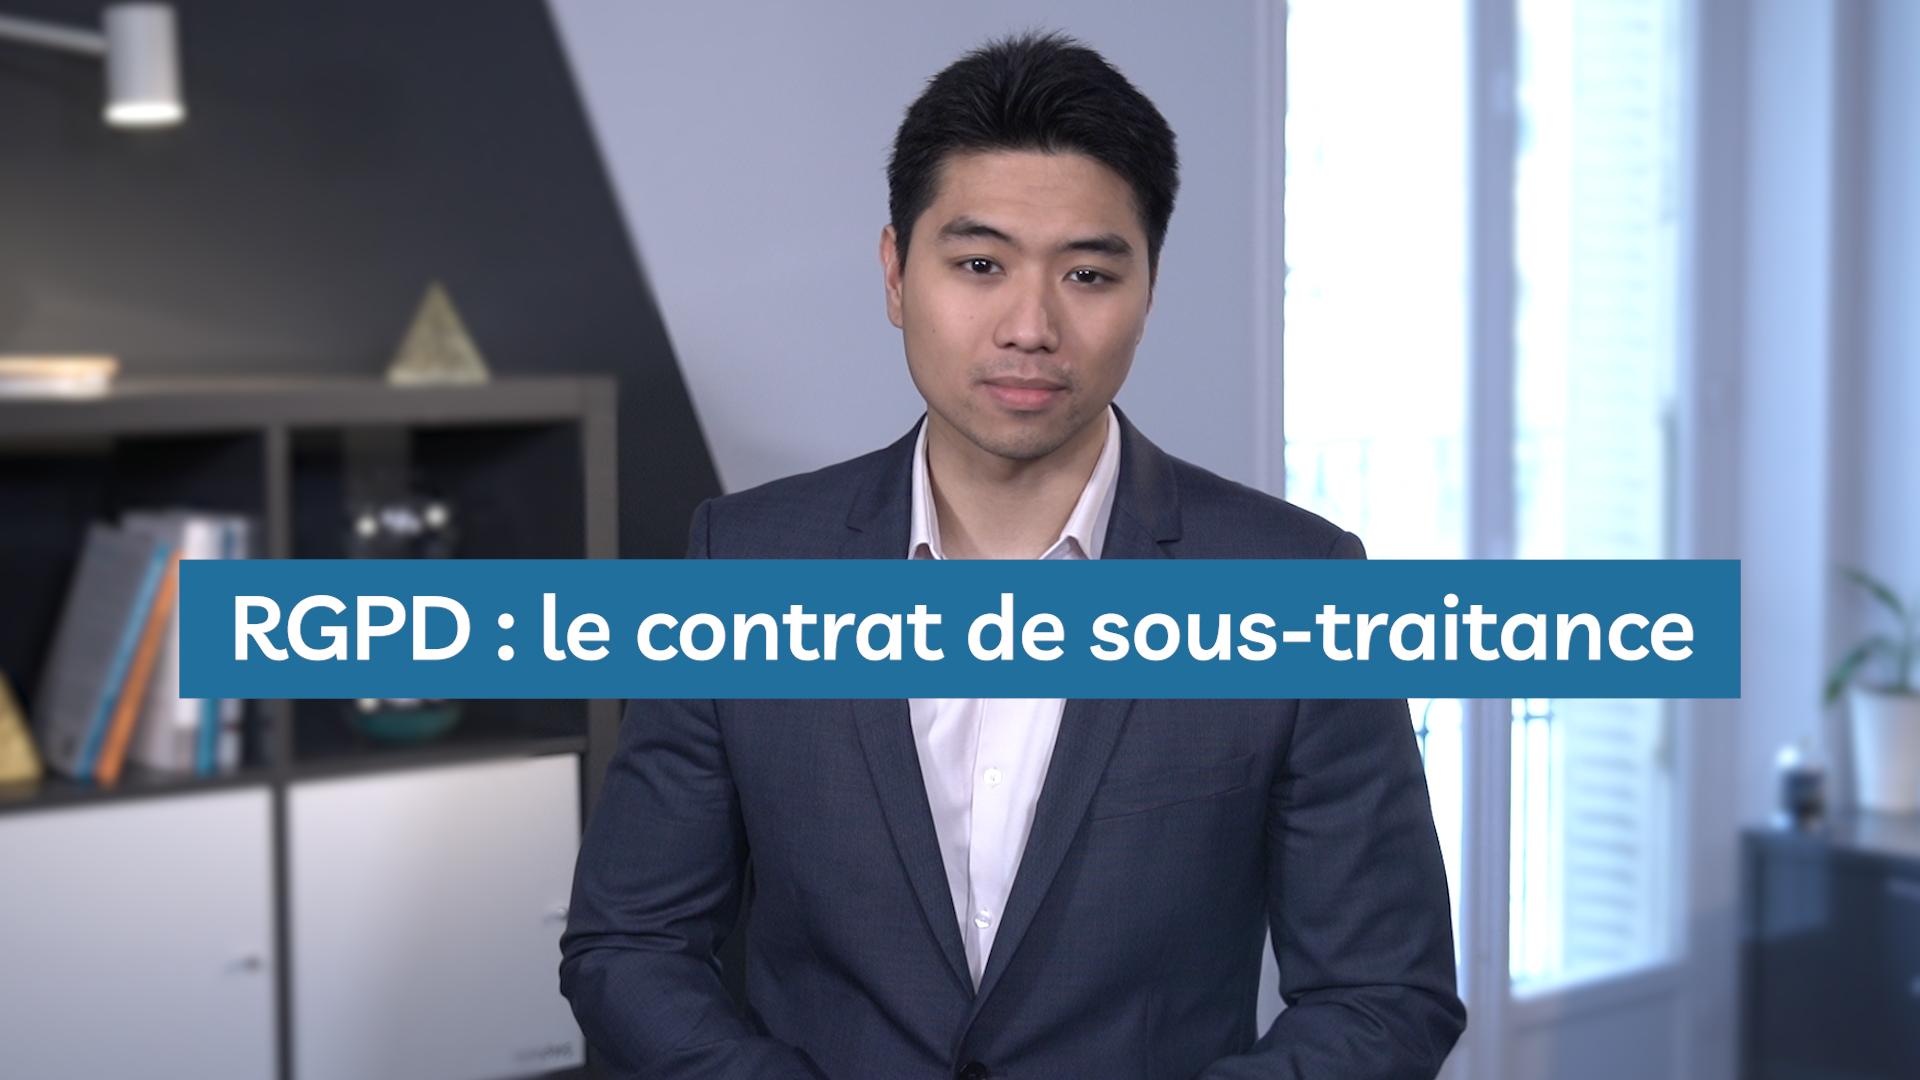 RGPD : Comment rédiger un contrat avec un sous-traitant ?